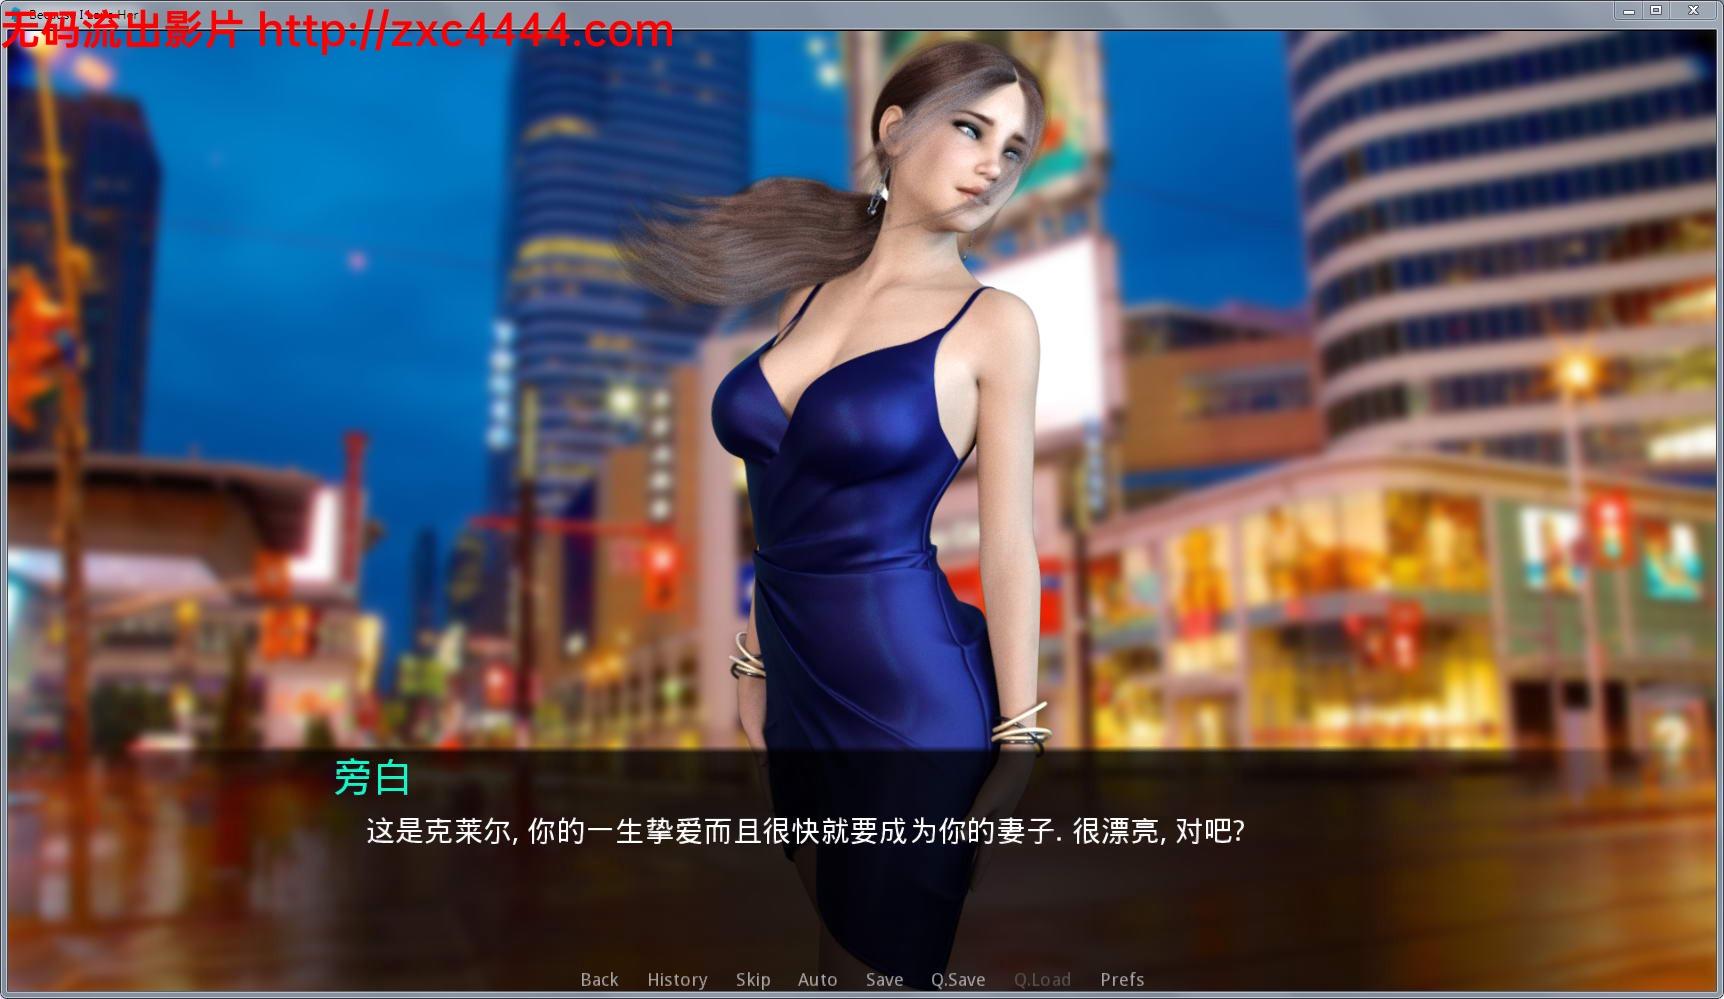 因为我爱她-BecauseILoveHer Ver4.1 精修汉化版【PC+安卓】